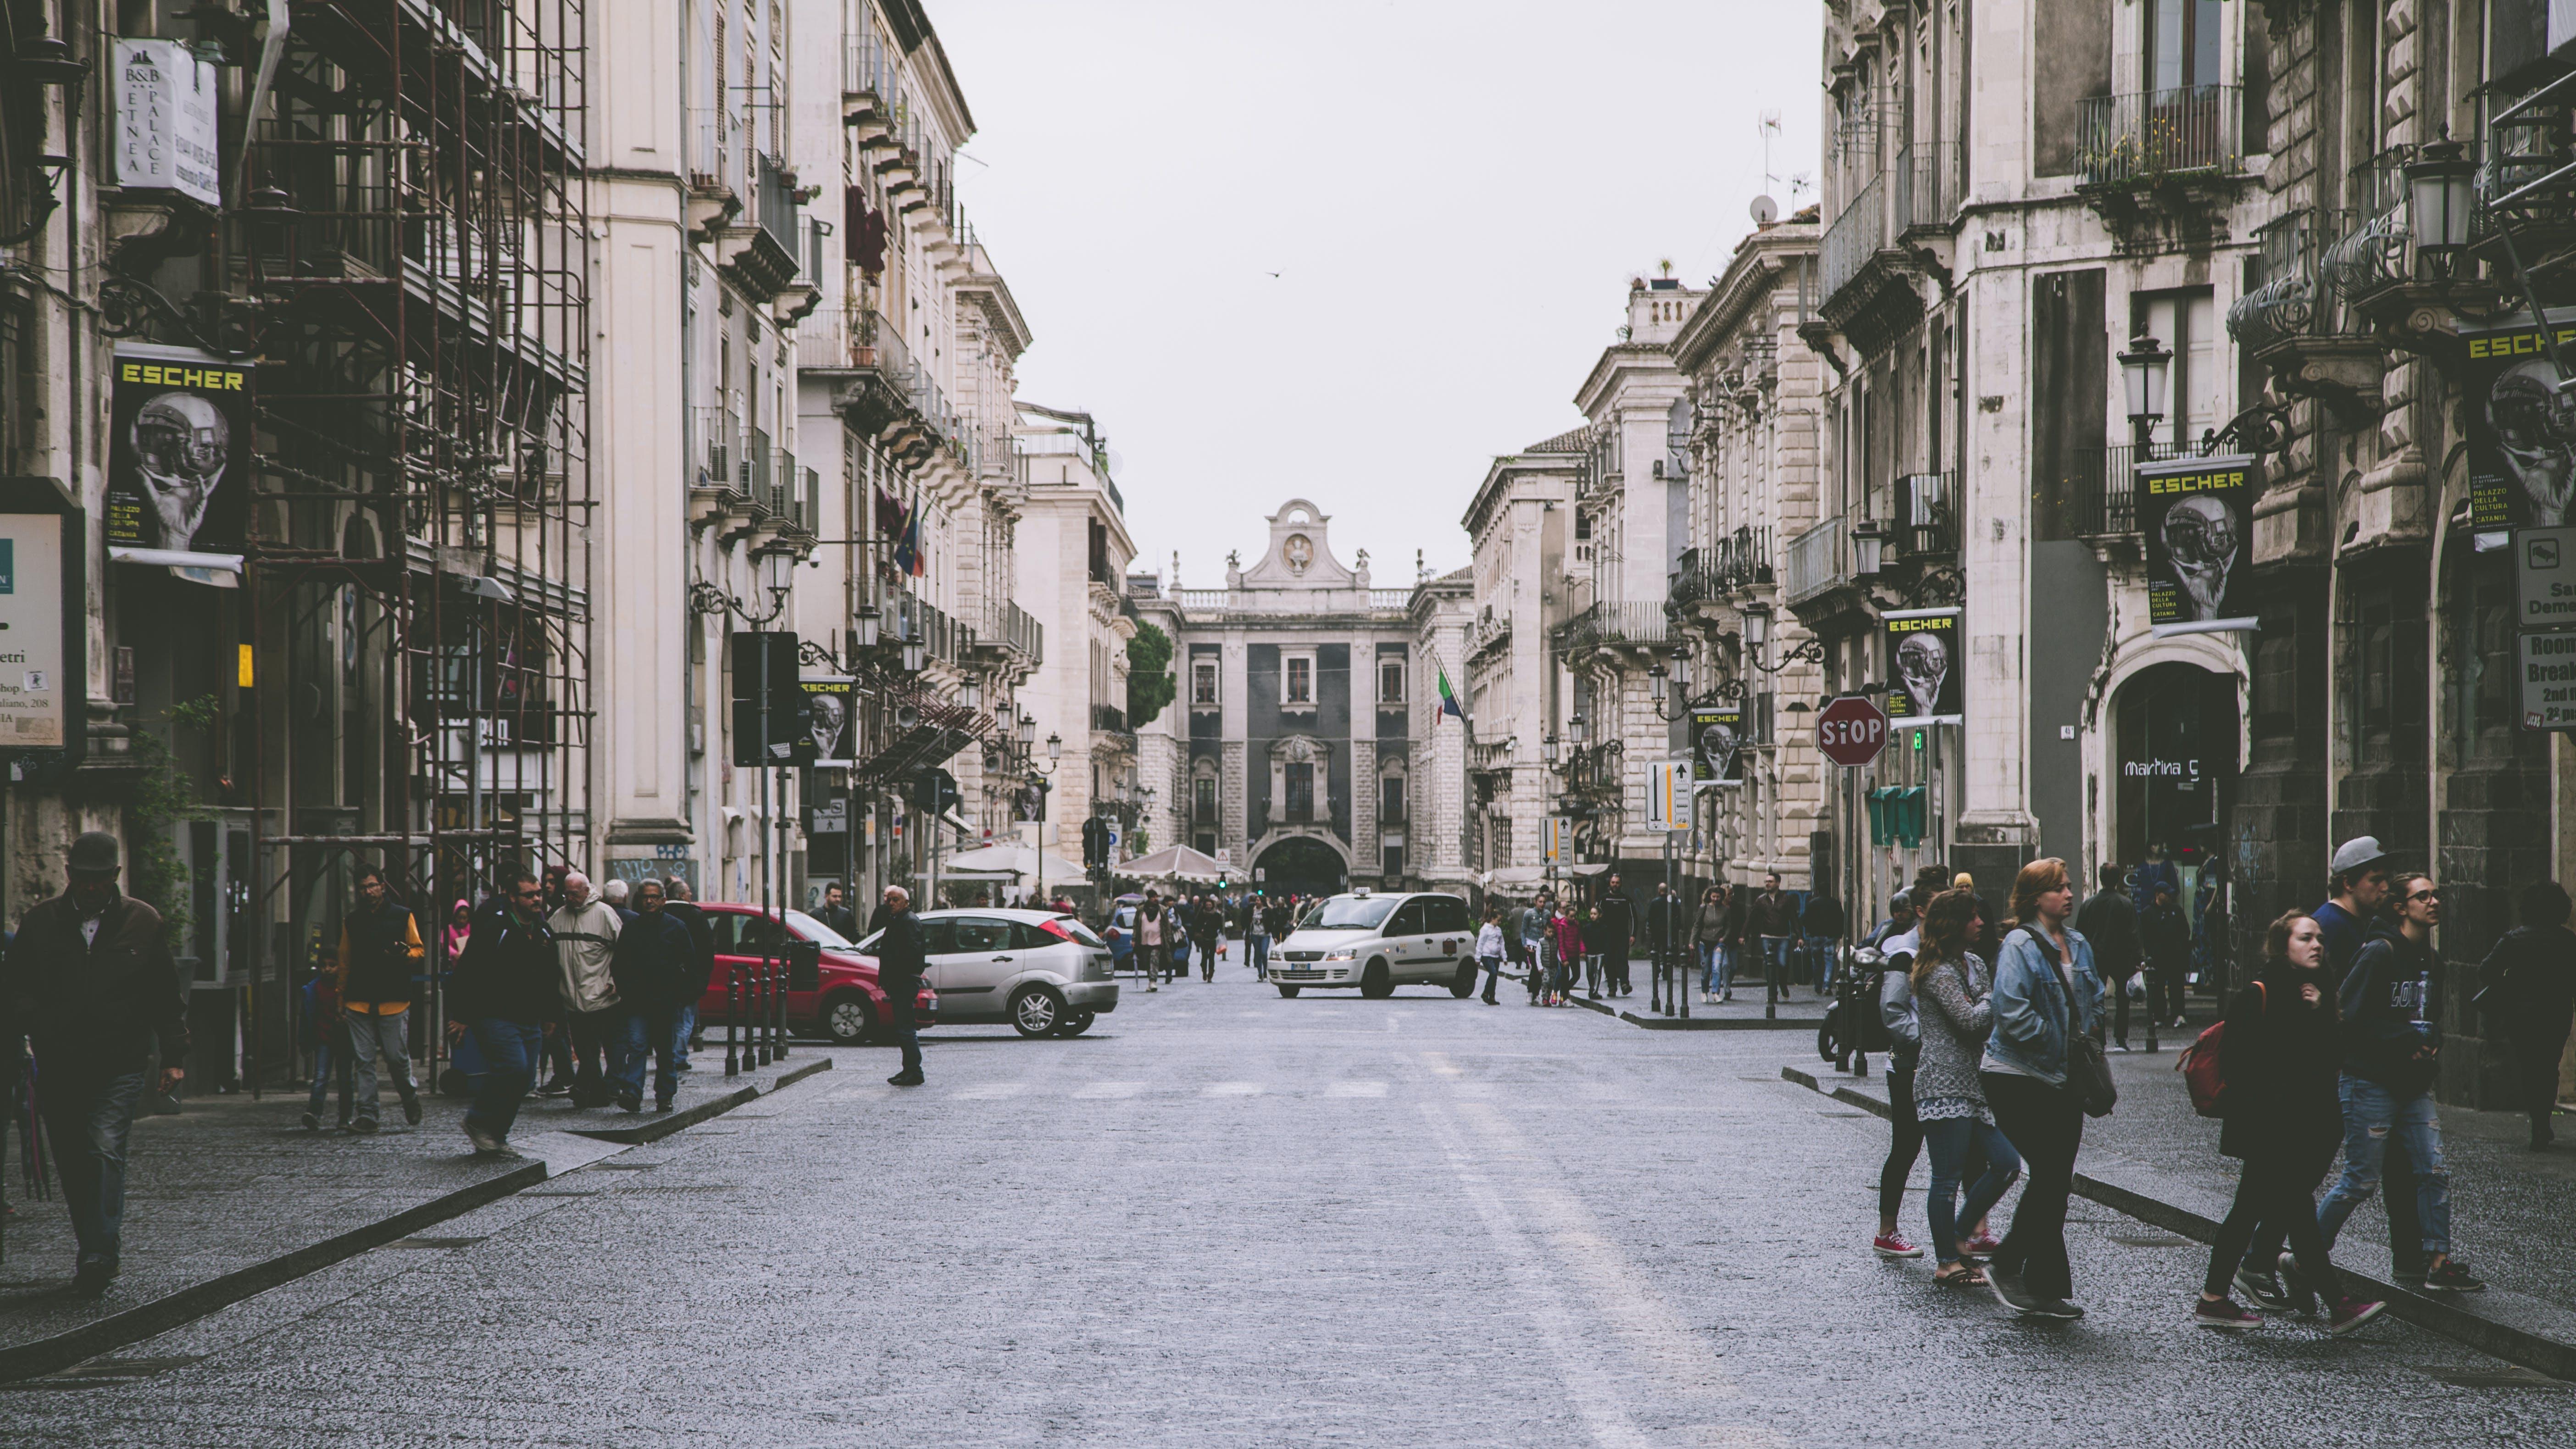 Group of People Walking on Street